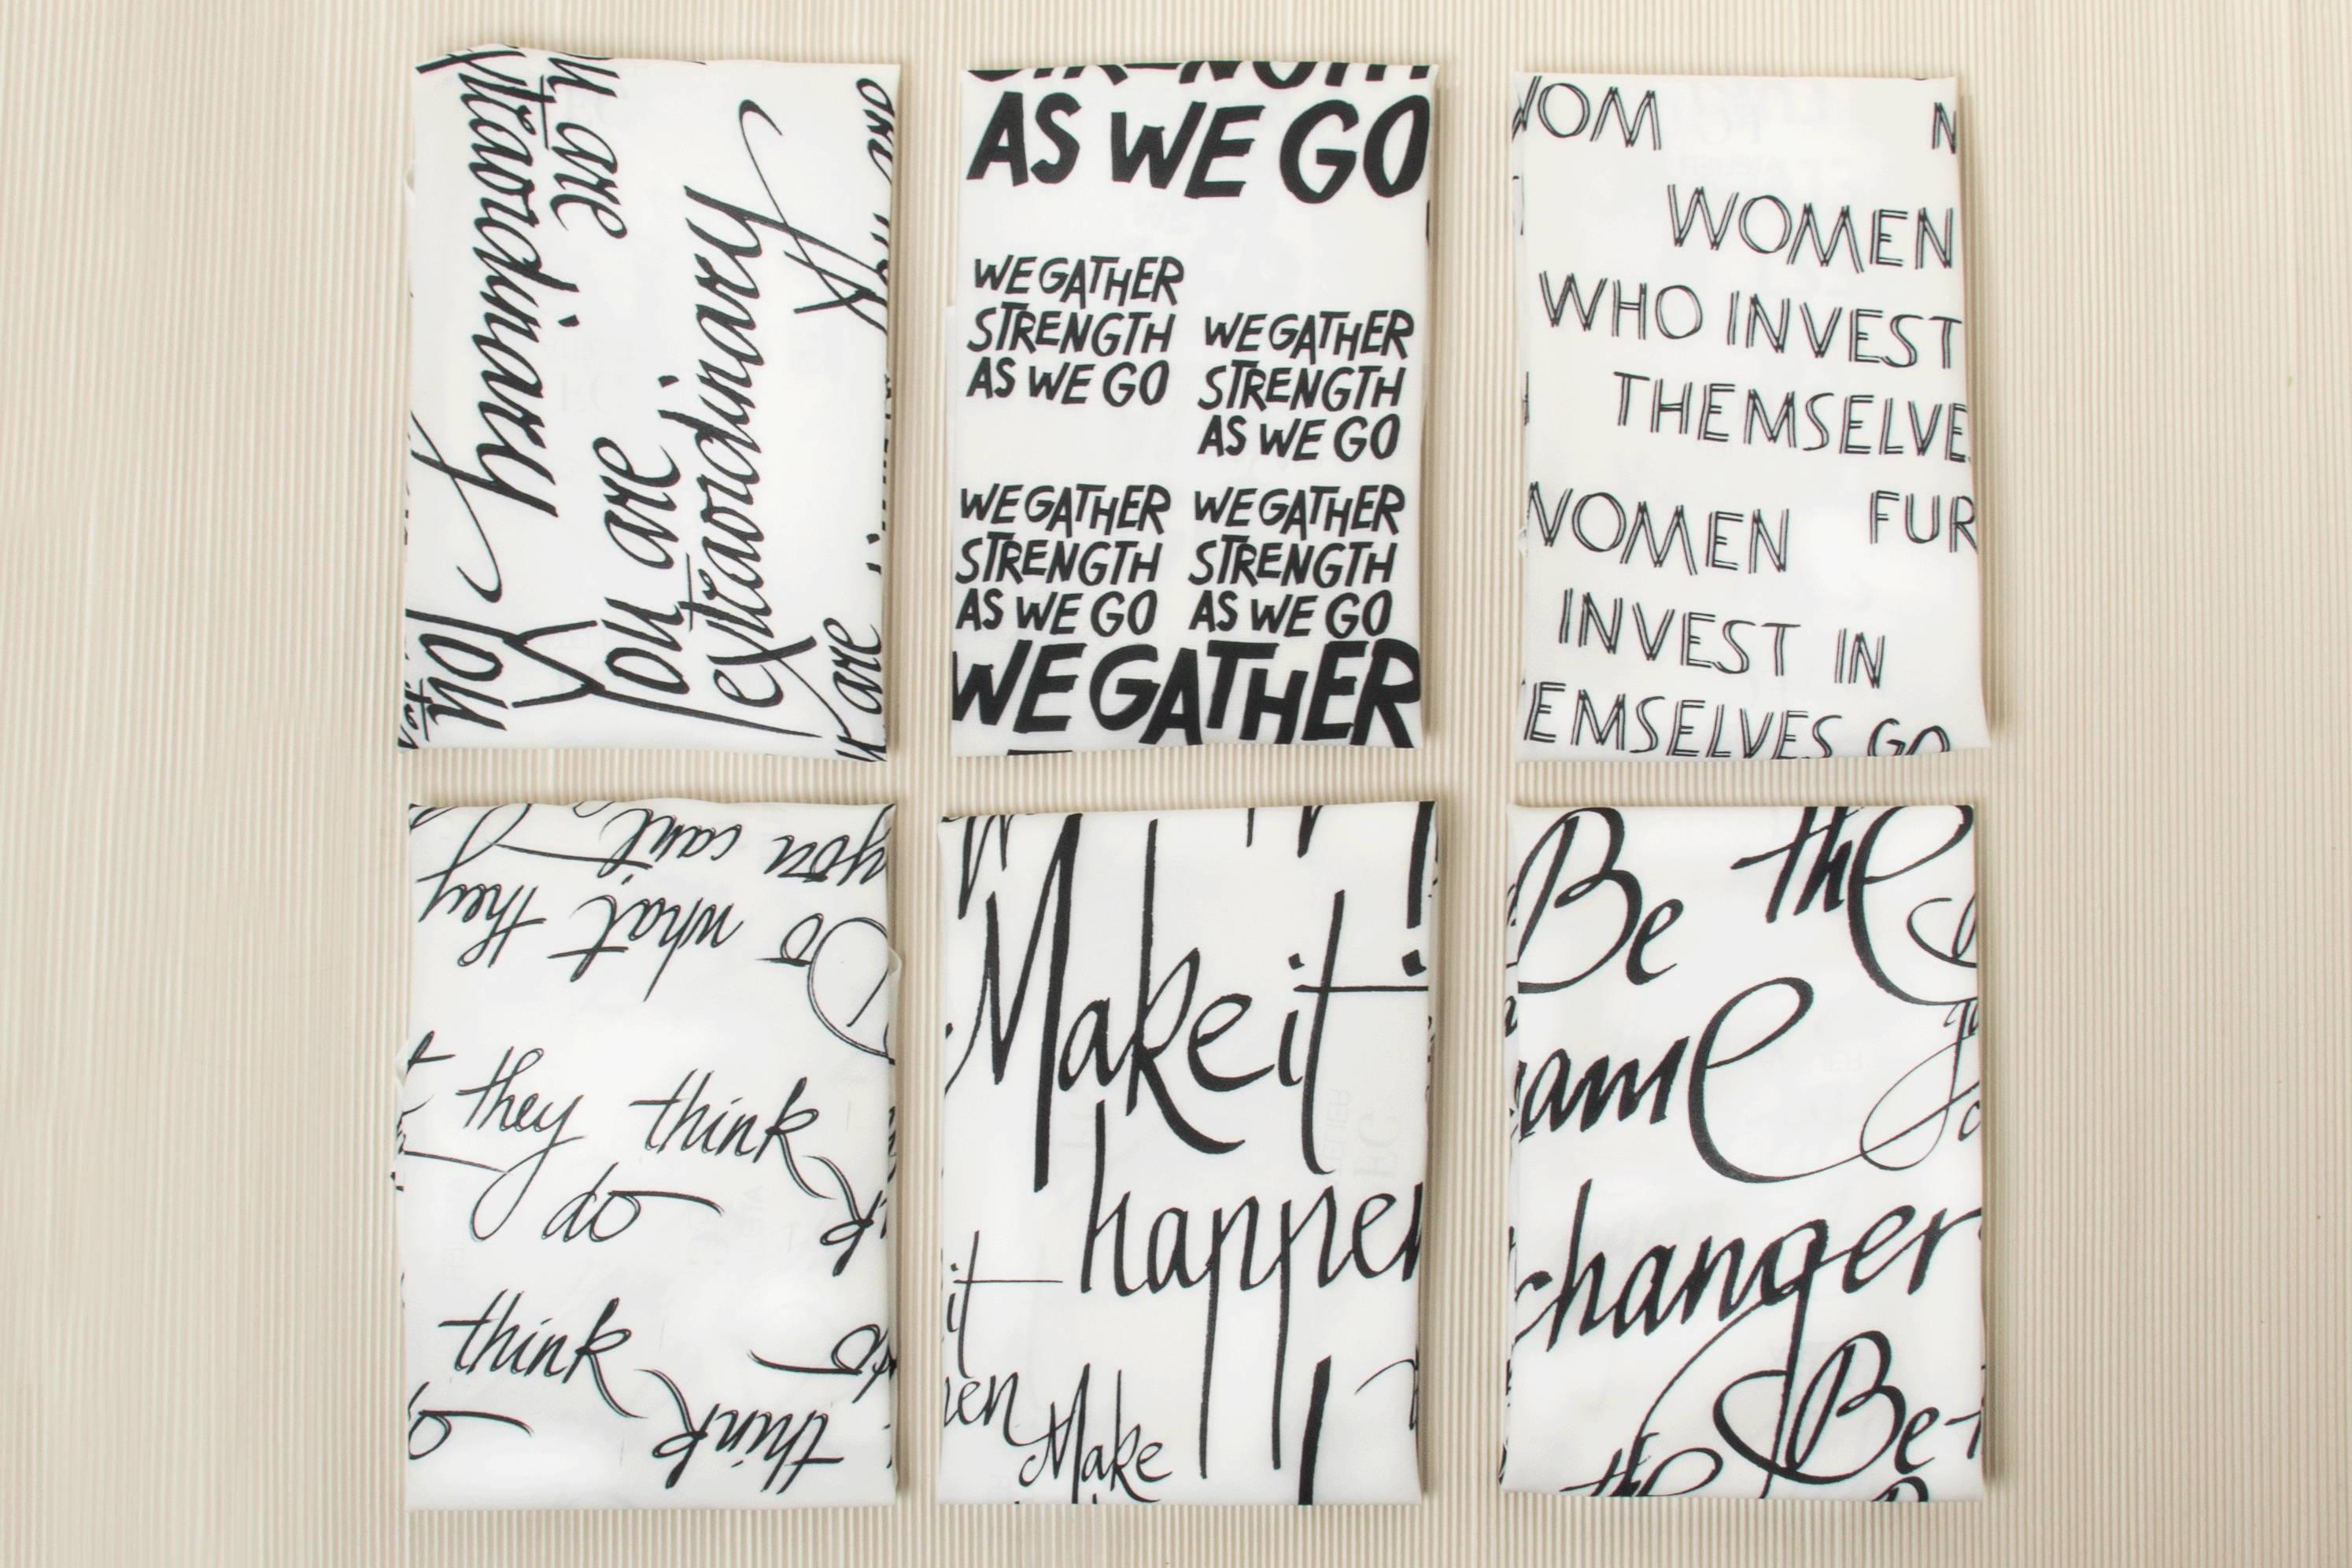 https://www.fgatelier.com/collections/talisman-scarves-fg-atelier